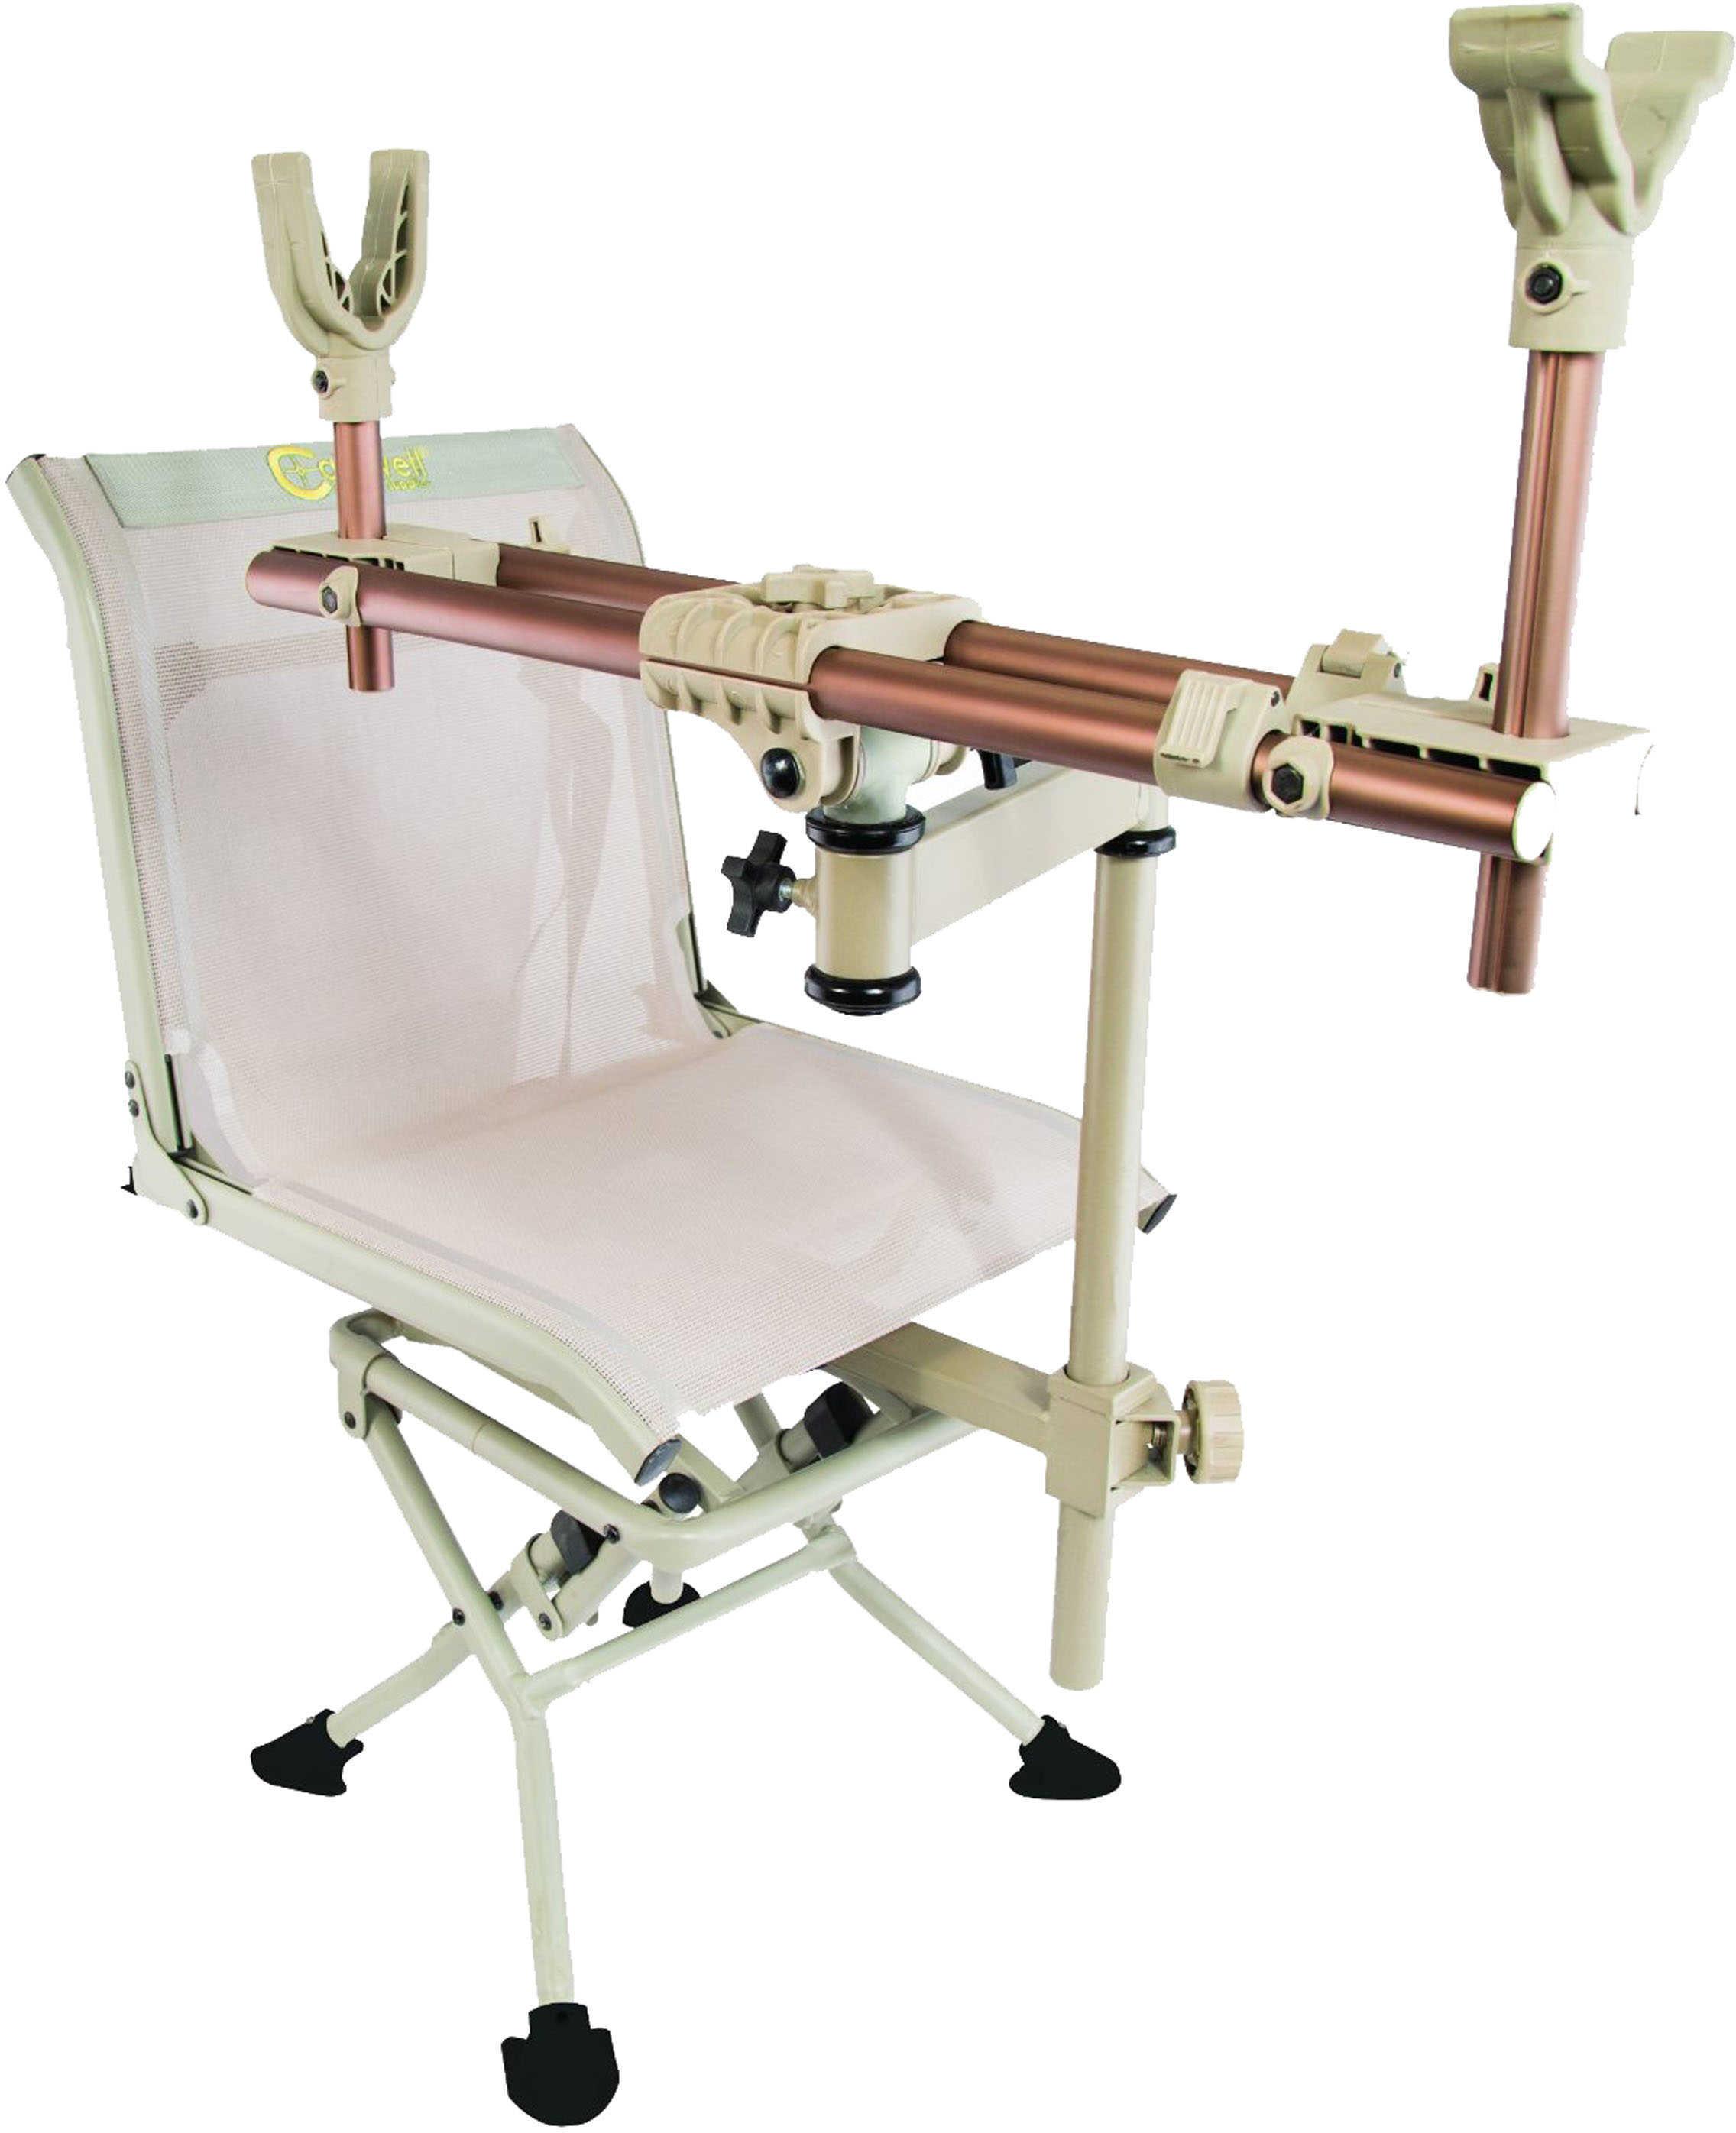 Caldwell Deadshot Chair Benchrest Chair Tan 795234